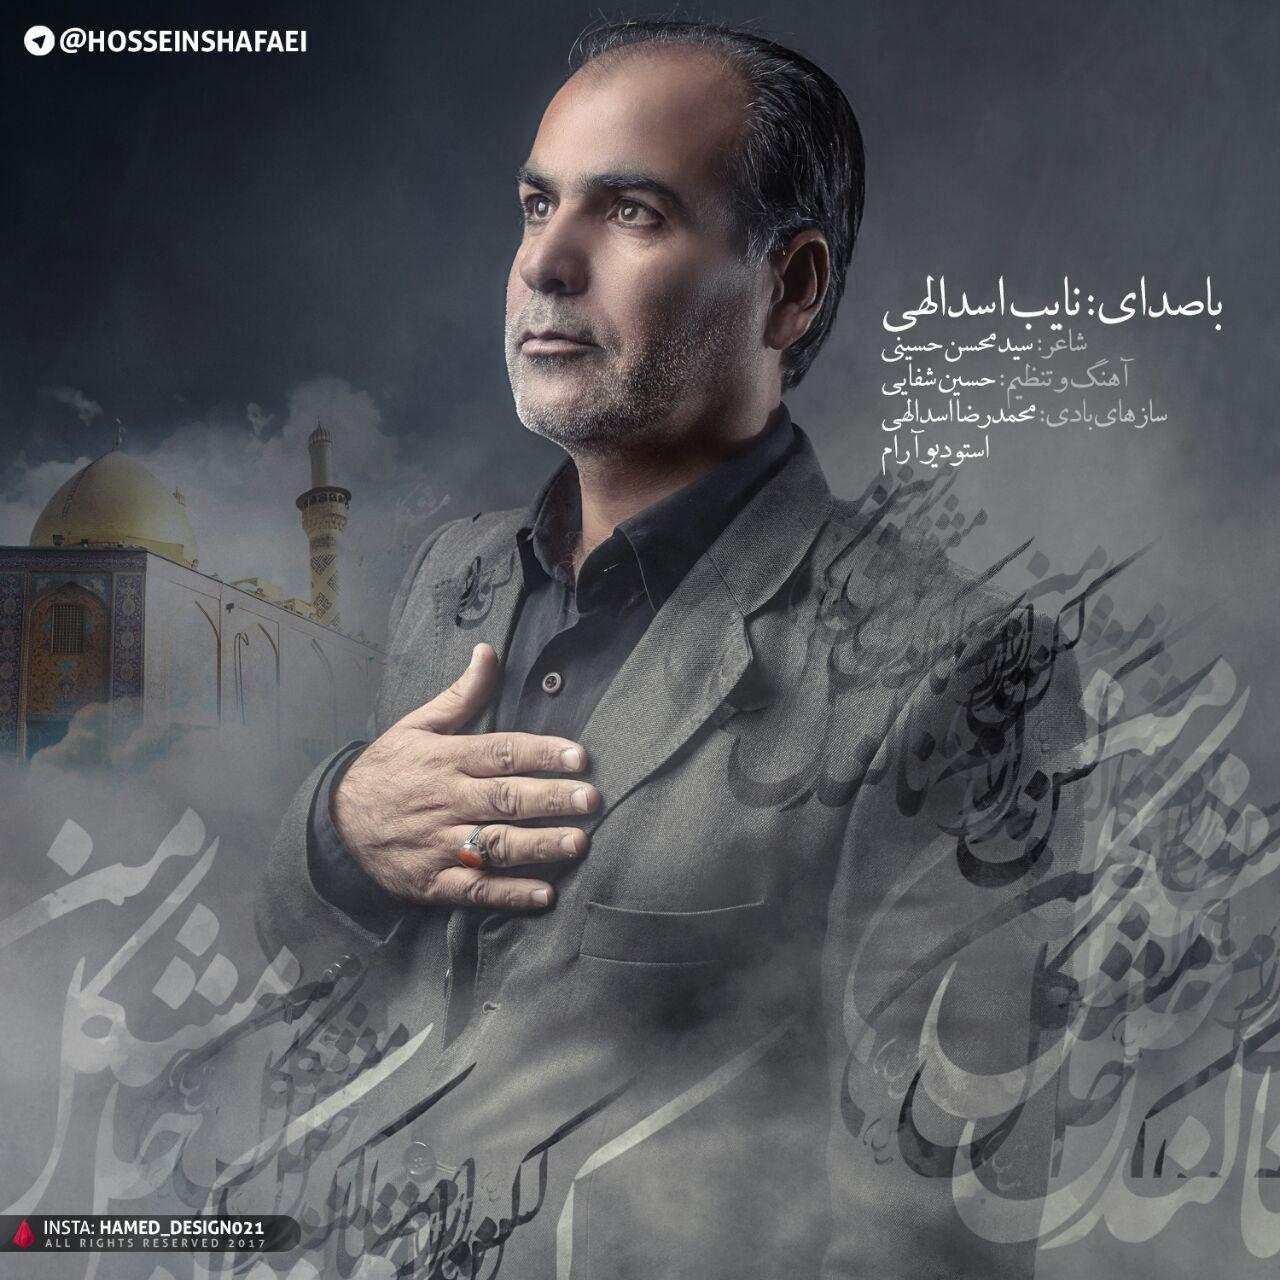 نامبر وان موزیک   دانلود آهنگ جدید Nayeb-Asadollahi-Kas-Nadaram